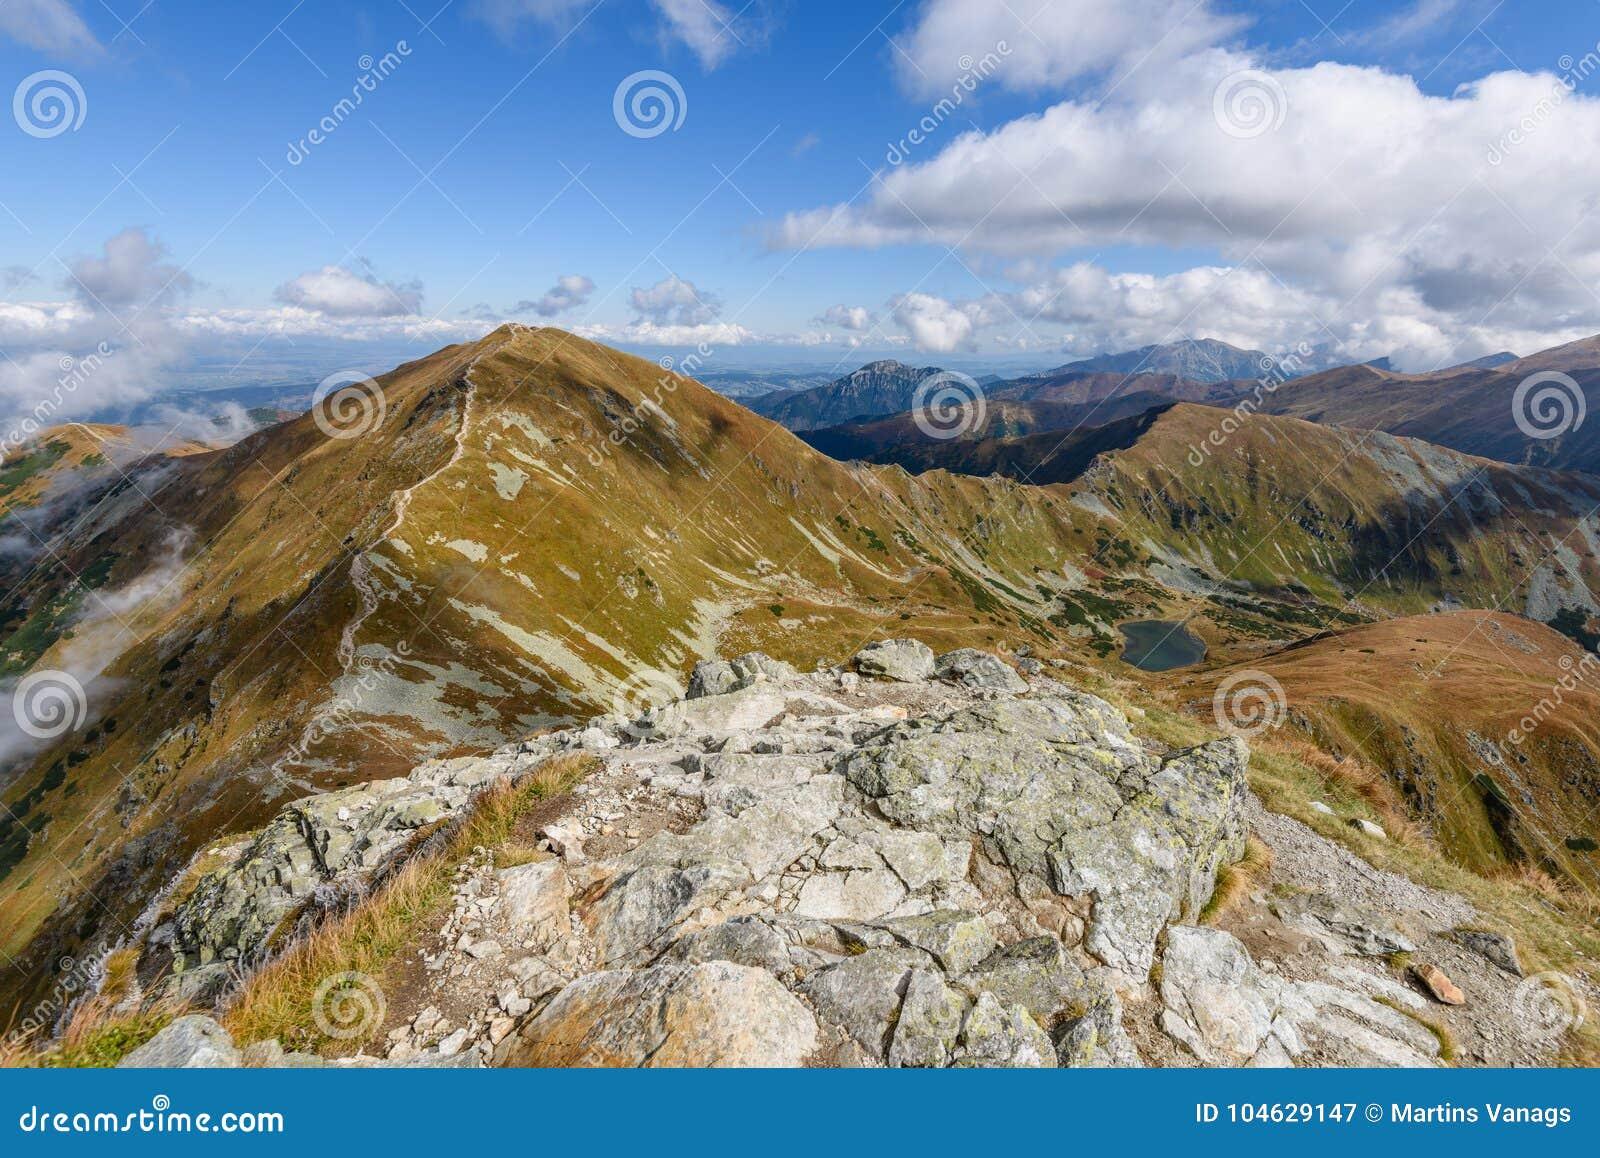 Download De Rotsachtige Mening Van Het Berg Piekgebied In Slowakije Stock Afbeelding - Afbeelding bestaande uit rotsen, land: 104629147